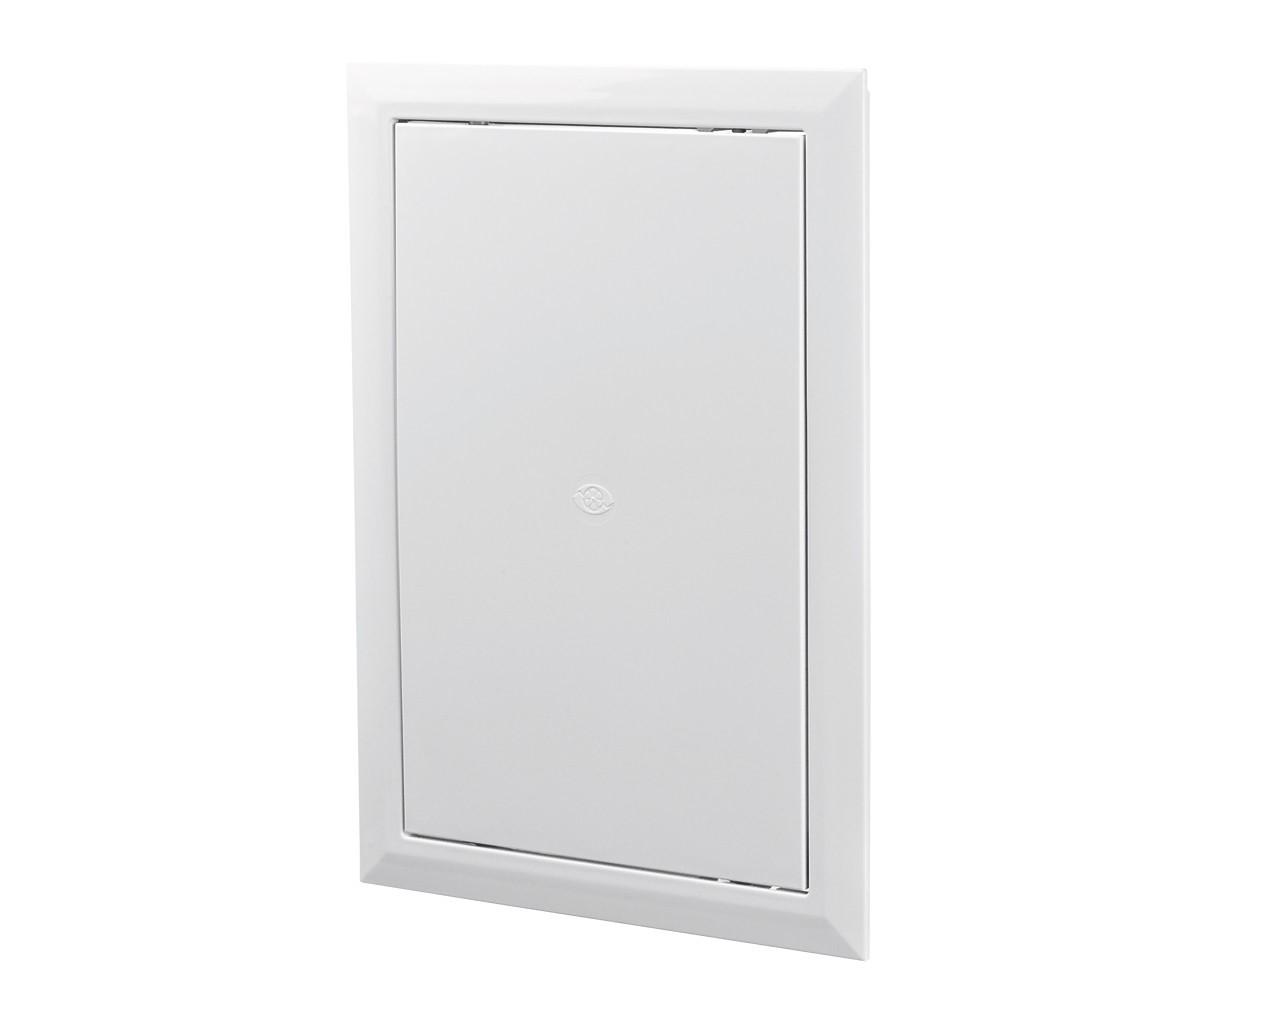 Ревізійна дверцята Д 400х500